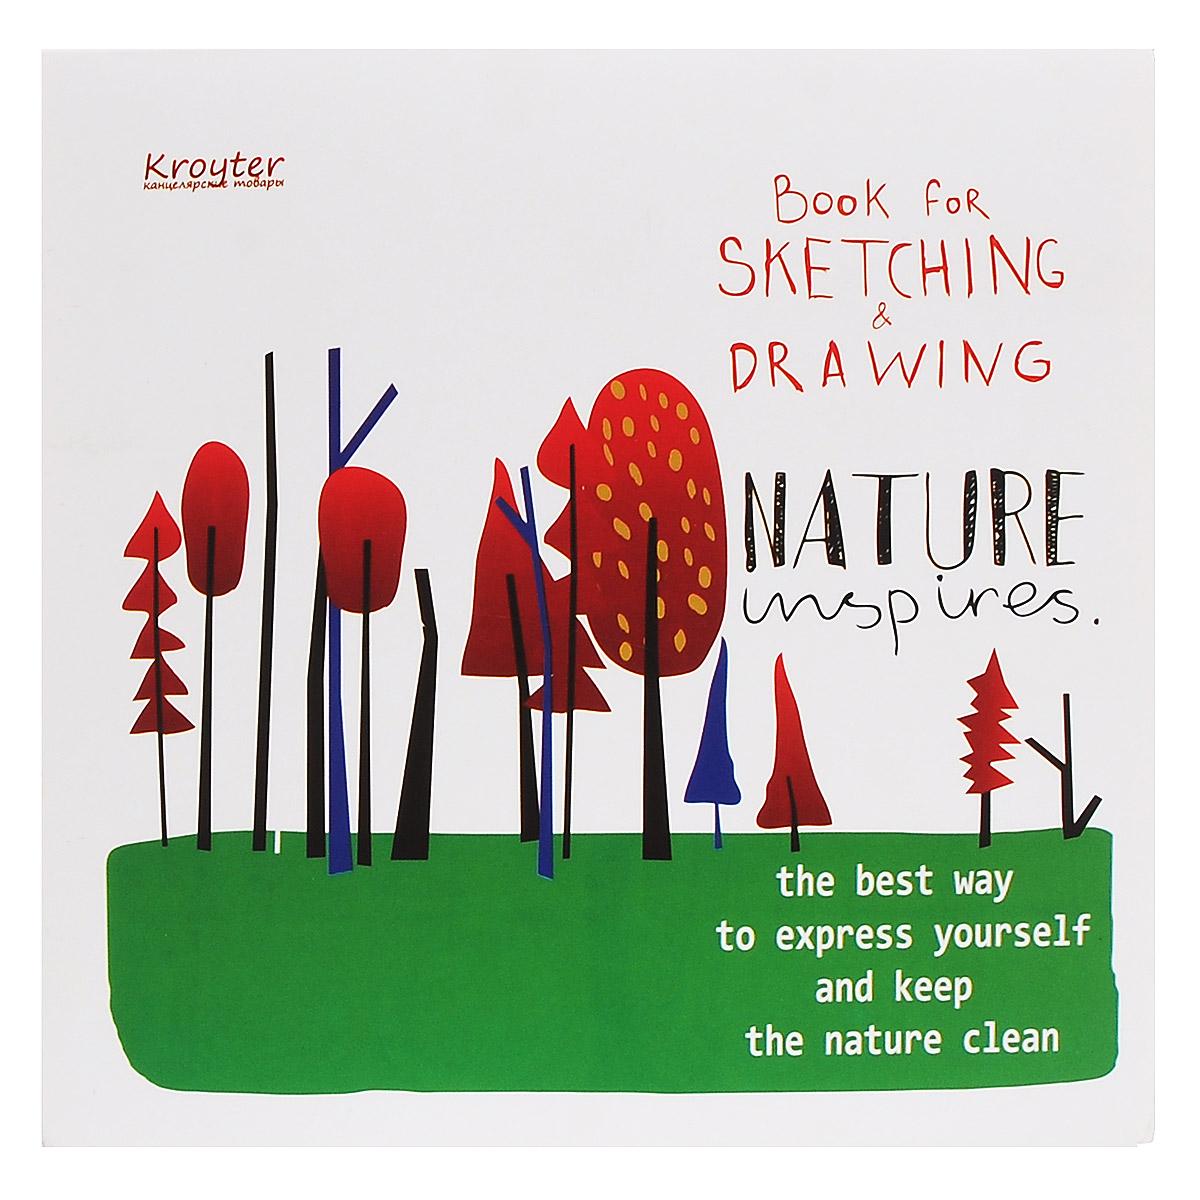 Альбом для эскизов Kroyter, 20 х 20 см, 60 листов0703415Альбом Kroyter предназначен для эскизов и рисования, подходит для работ тушью. Крепление блока - клеевое. Обложка выполнена из высококачественного мелованного картона. Альбом имеет стильный, современный дизайн. Картонная подложка планшет позволяет рисовать даже на весу.